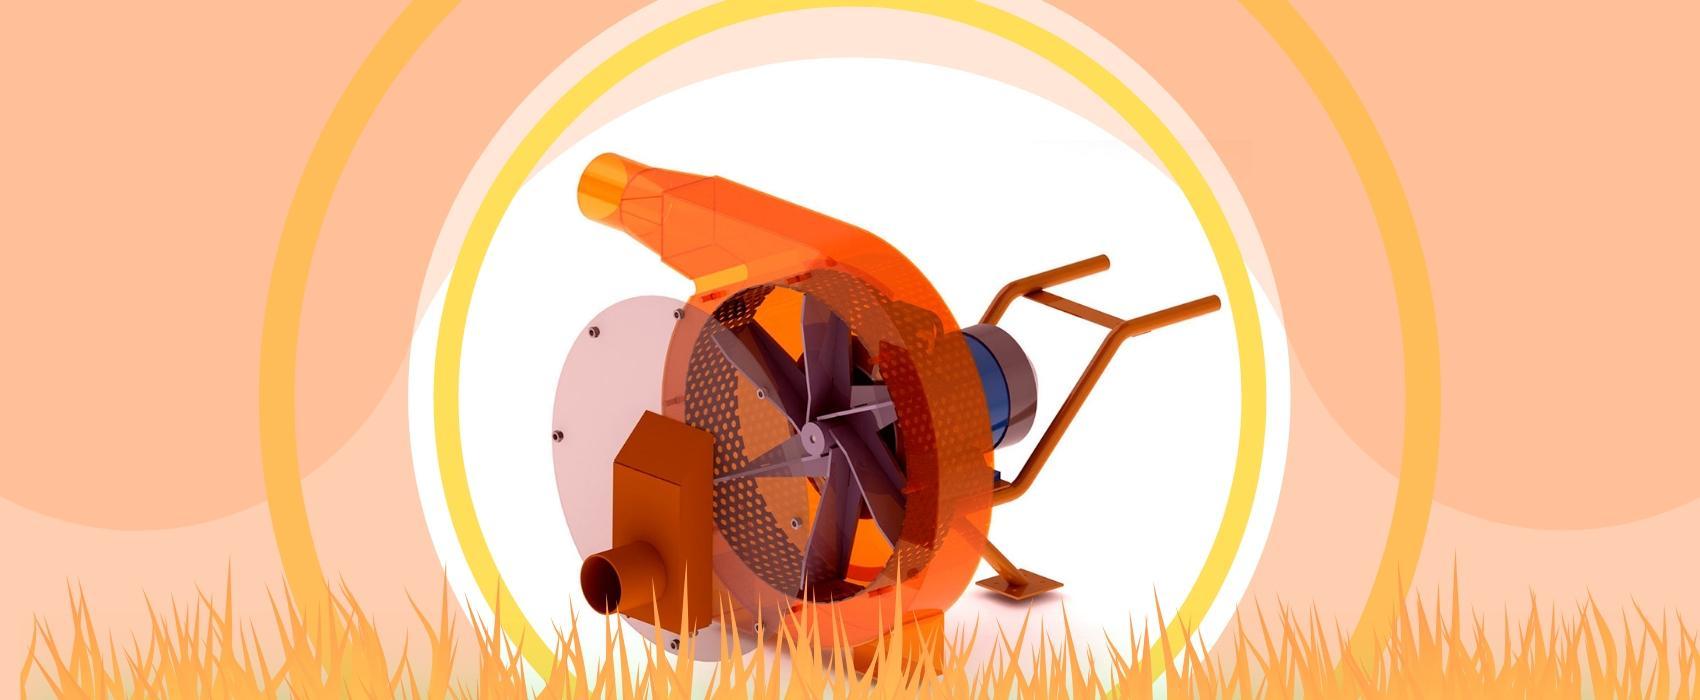 """Ротороная зернодробилка """"ШМЕЛЬ"""" - ФермерМ - Товары для фермеров и хозяйств"""